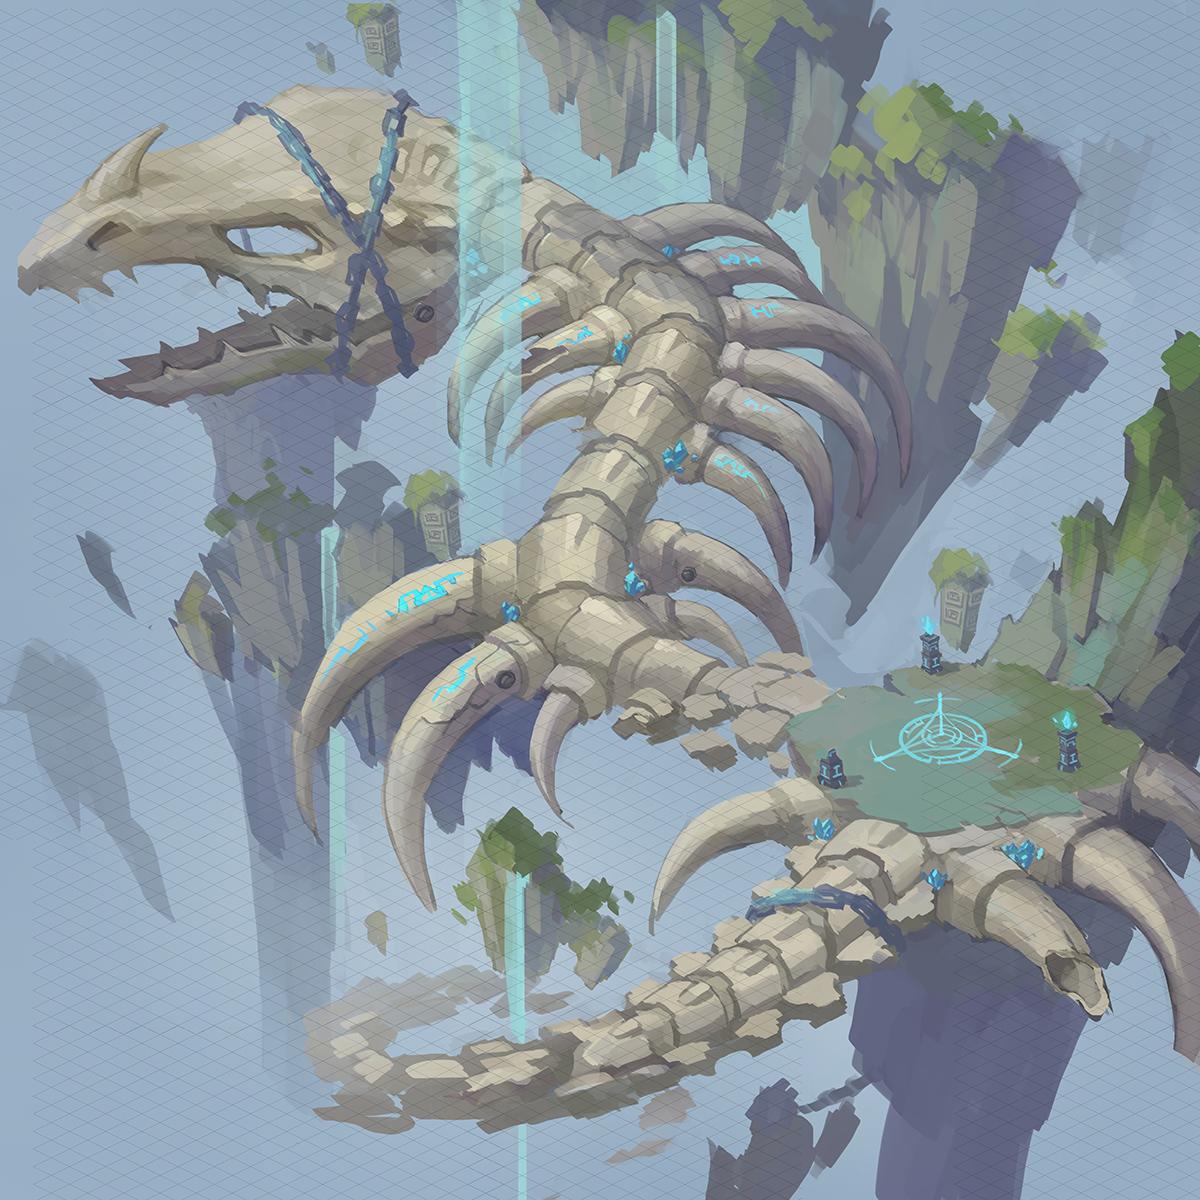 《风暴大陆》游戏场景原画